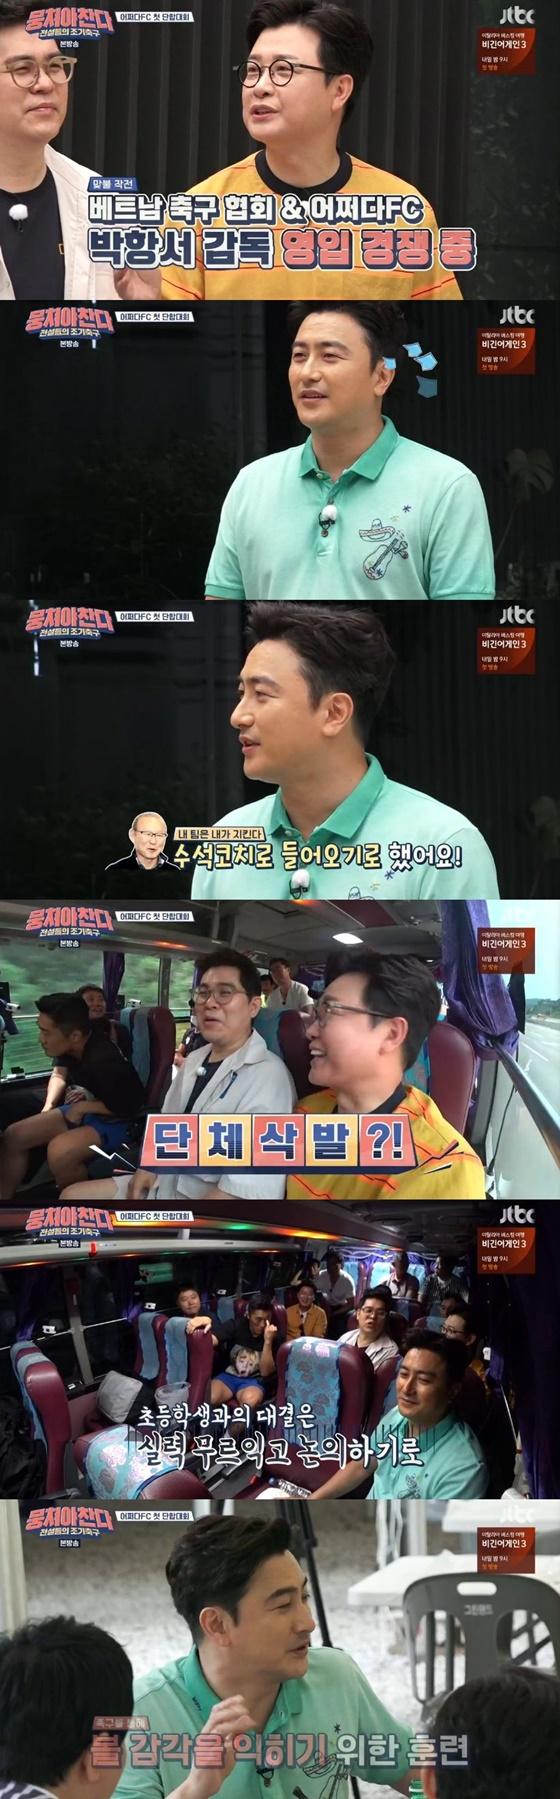 /사진=JTBC 예능 프로그램 '뭉쳐야 찬다' 캡처